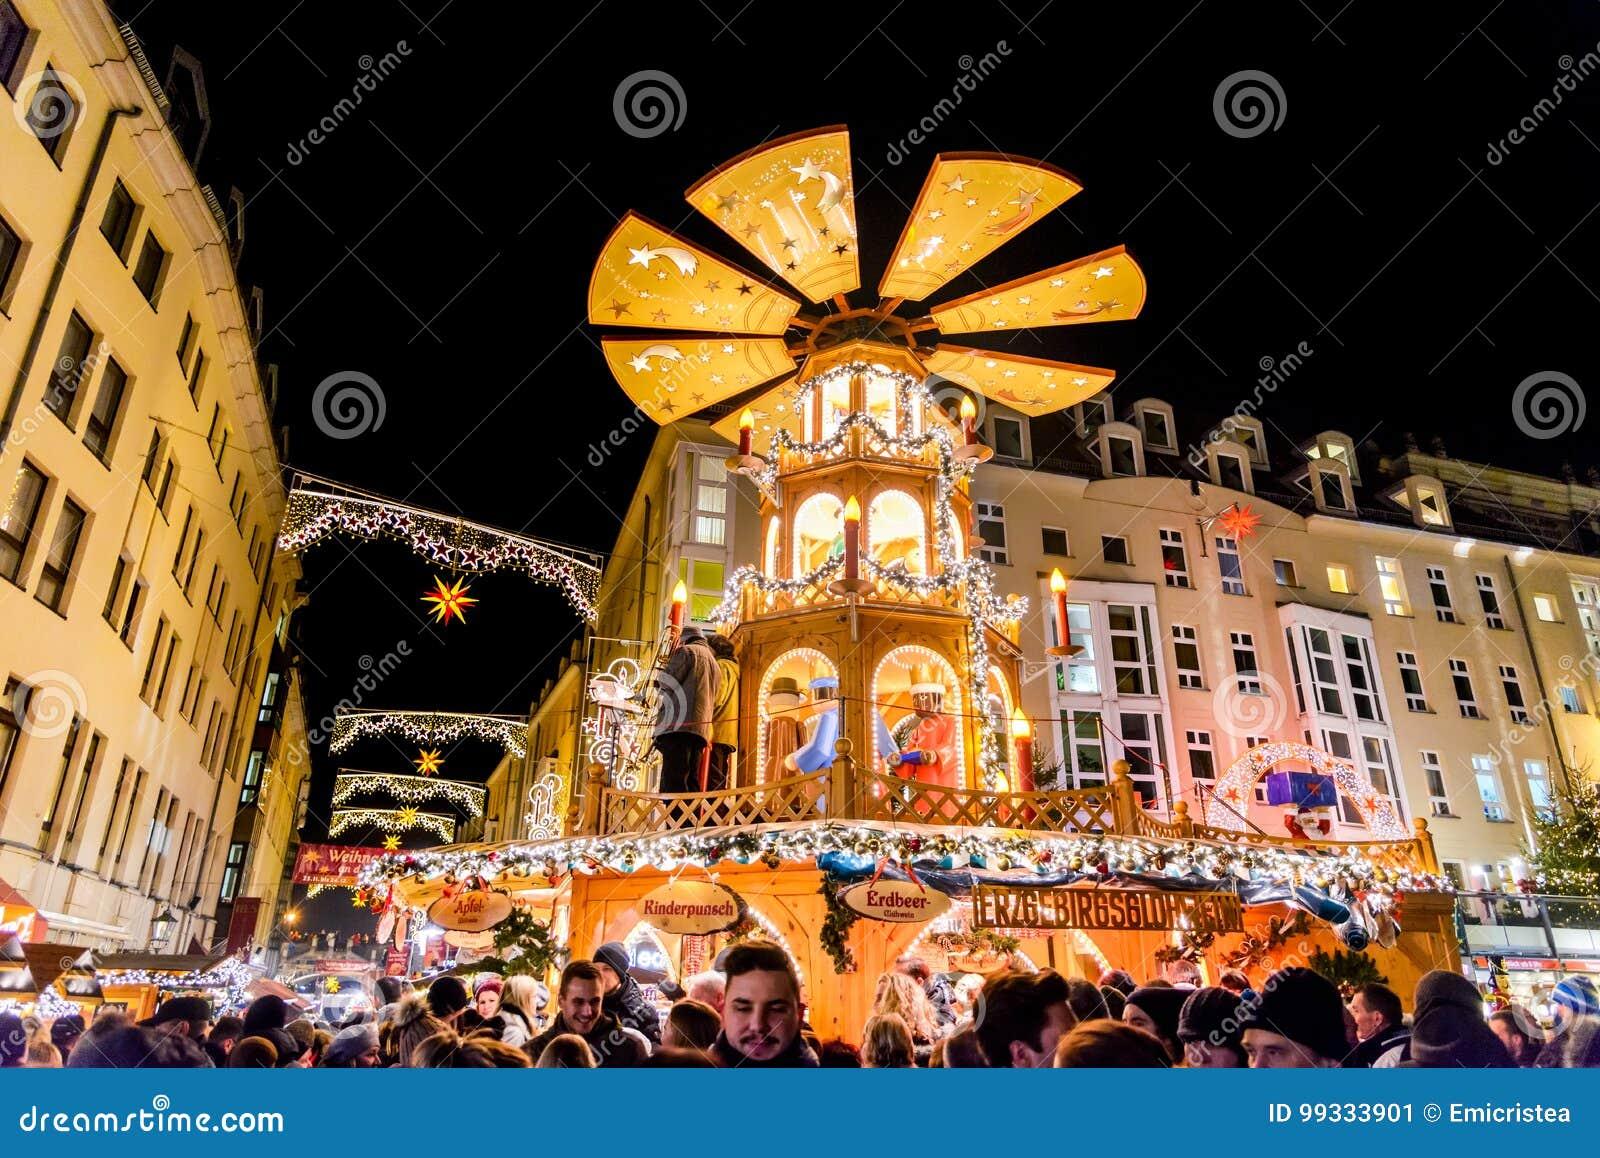 Deutschland Weihnachtsmarkt.Dresden Deutschland Weihnachtsmarkt Redaktionelles Foto Bild